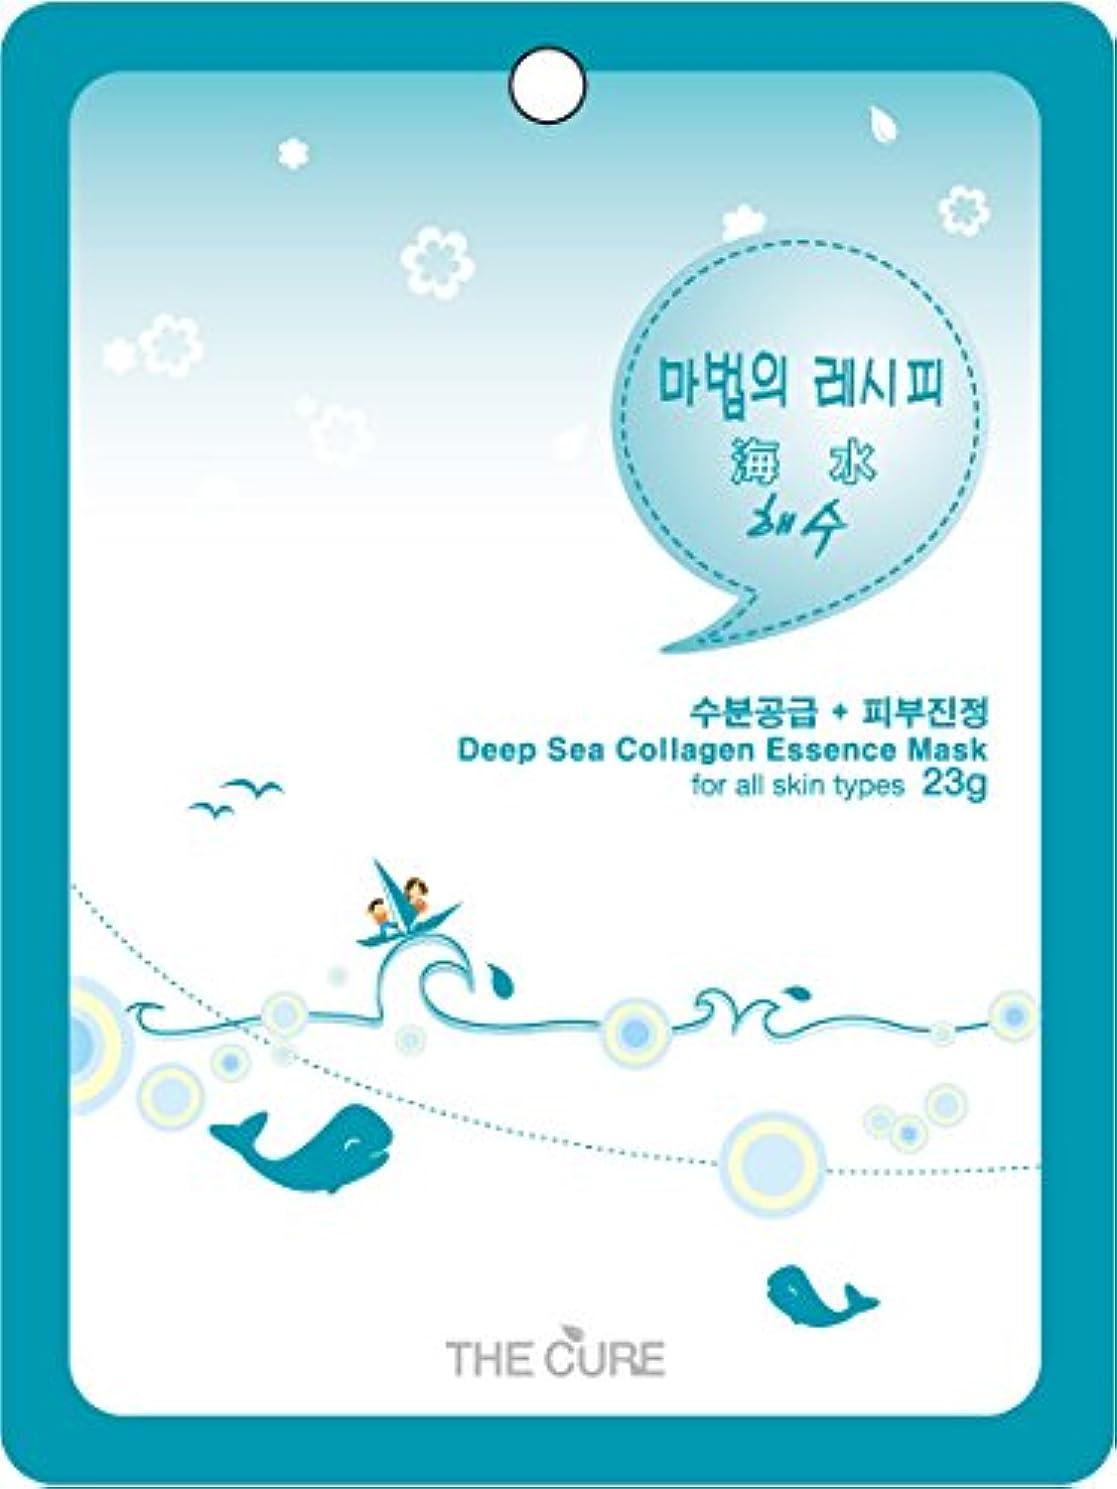 サイクルギャップ名誉ある海水 コラーゲン エッセンス マスク THE CURE シート パック 100枚セット 韓国 コスメ